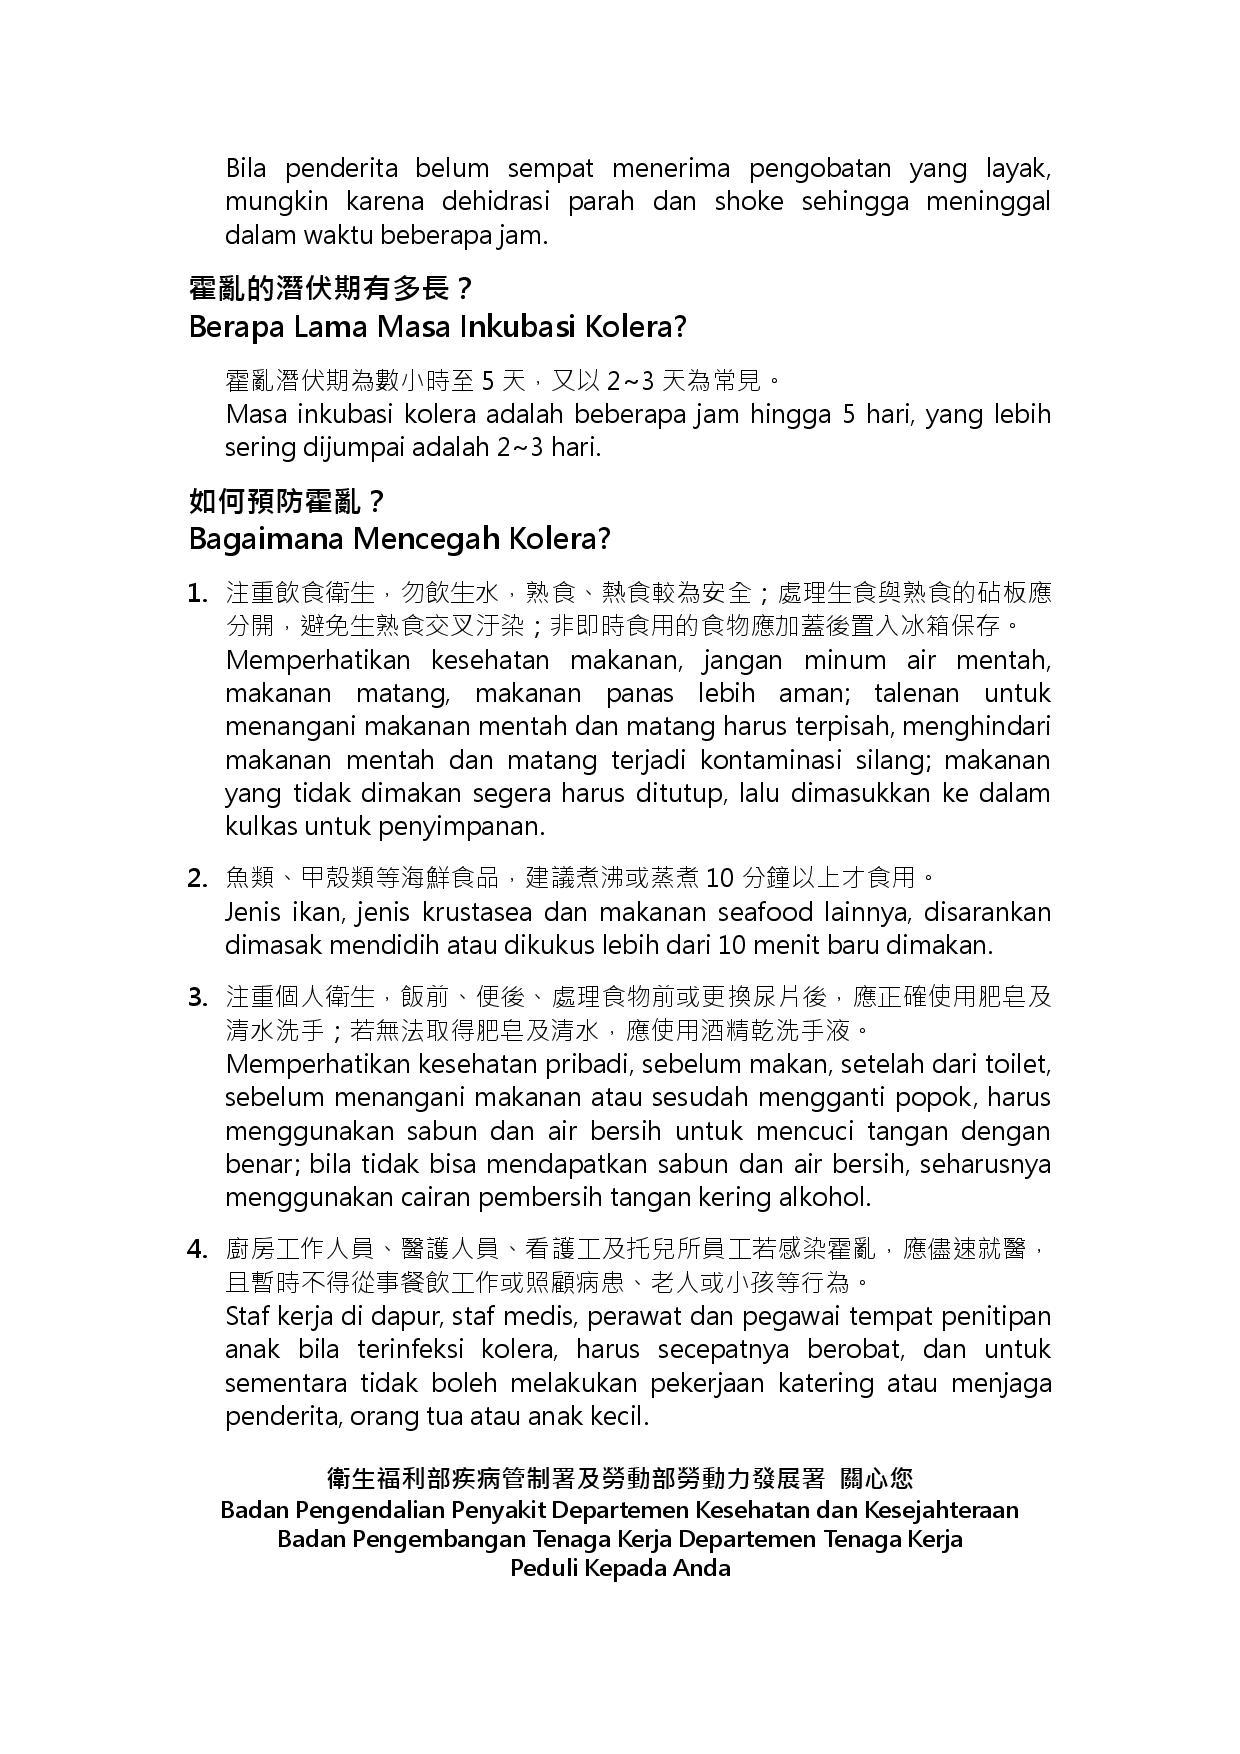 詳如附件【Klik】Mencegah Kolera(Halaman 2)預防霍亂(印尼文)